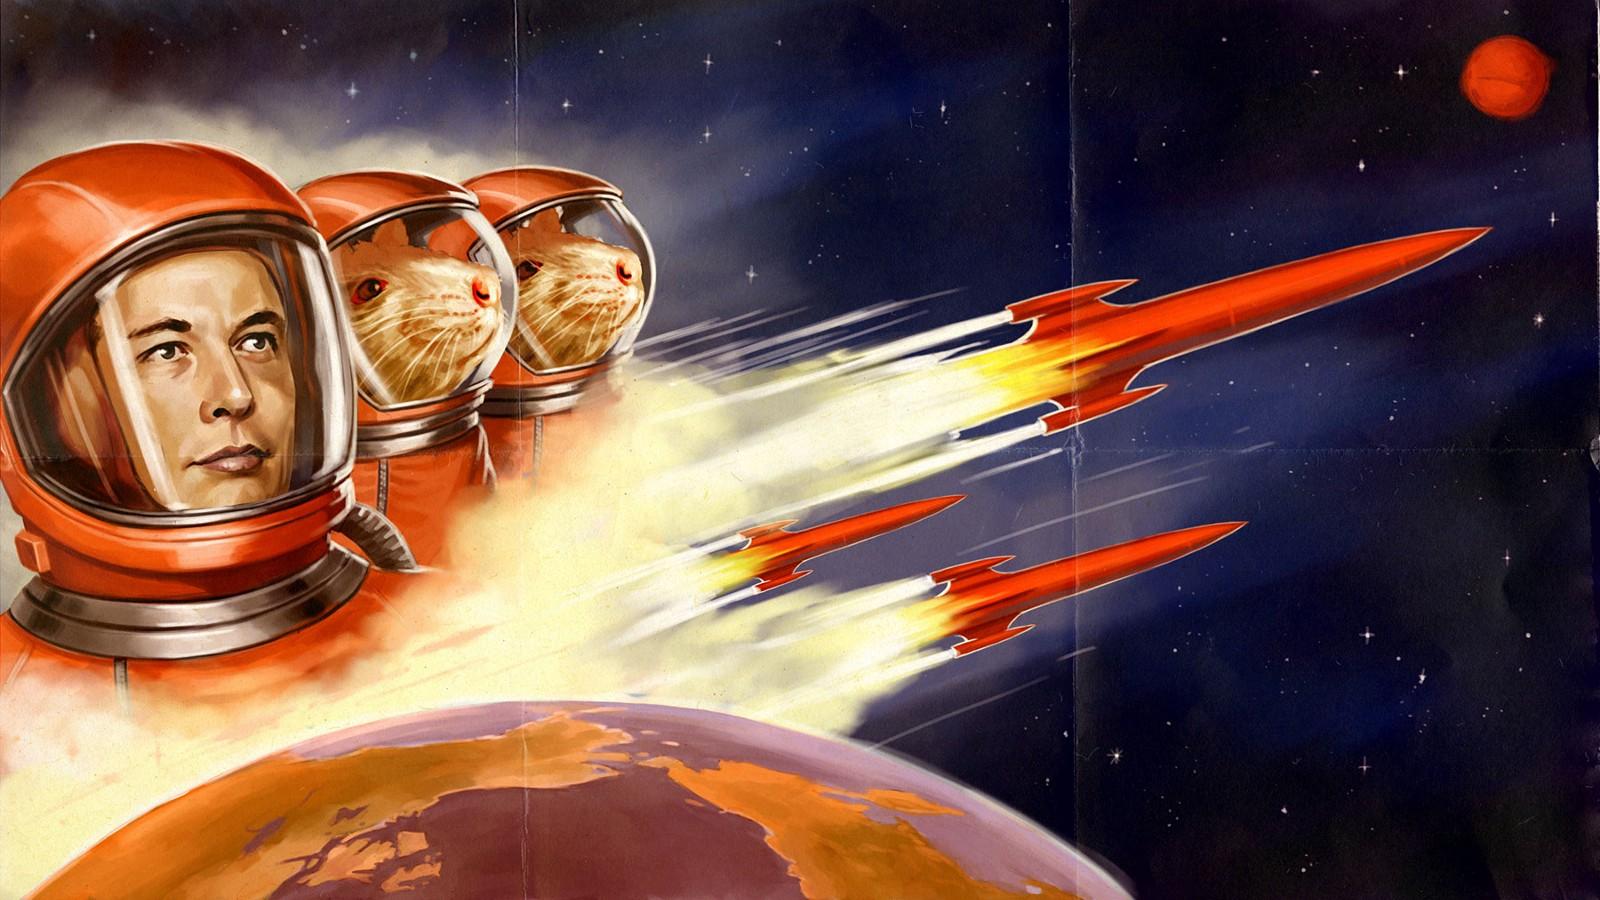 Wallpaper Elon Musk Mice Space Astronaut 1600x900